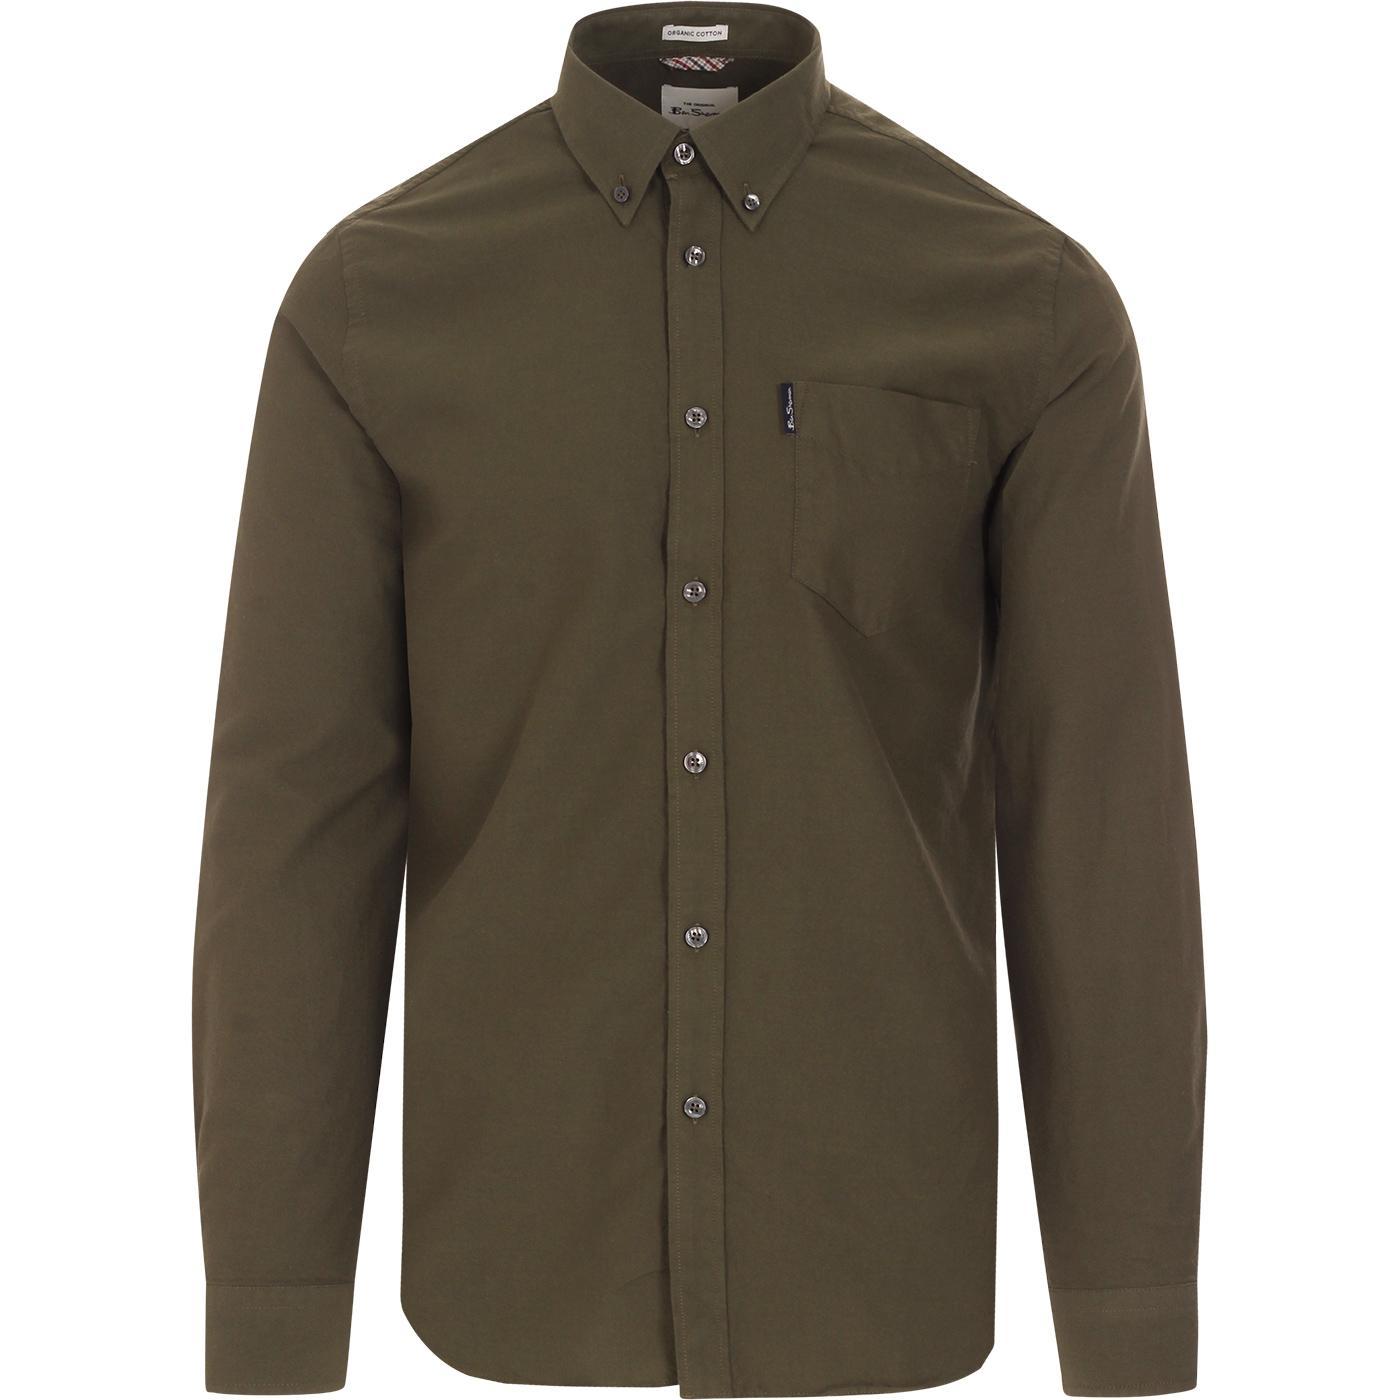 BEN SHERMAN Mod Button Down Oxford Shirt (Loden)